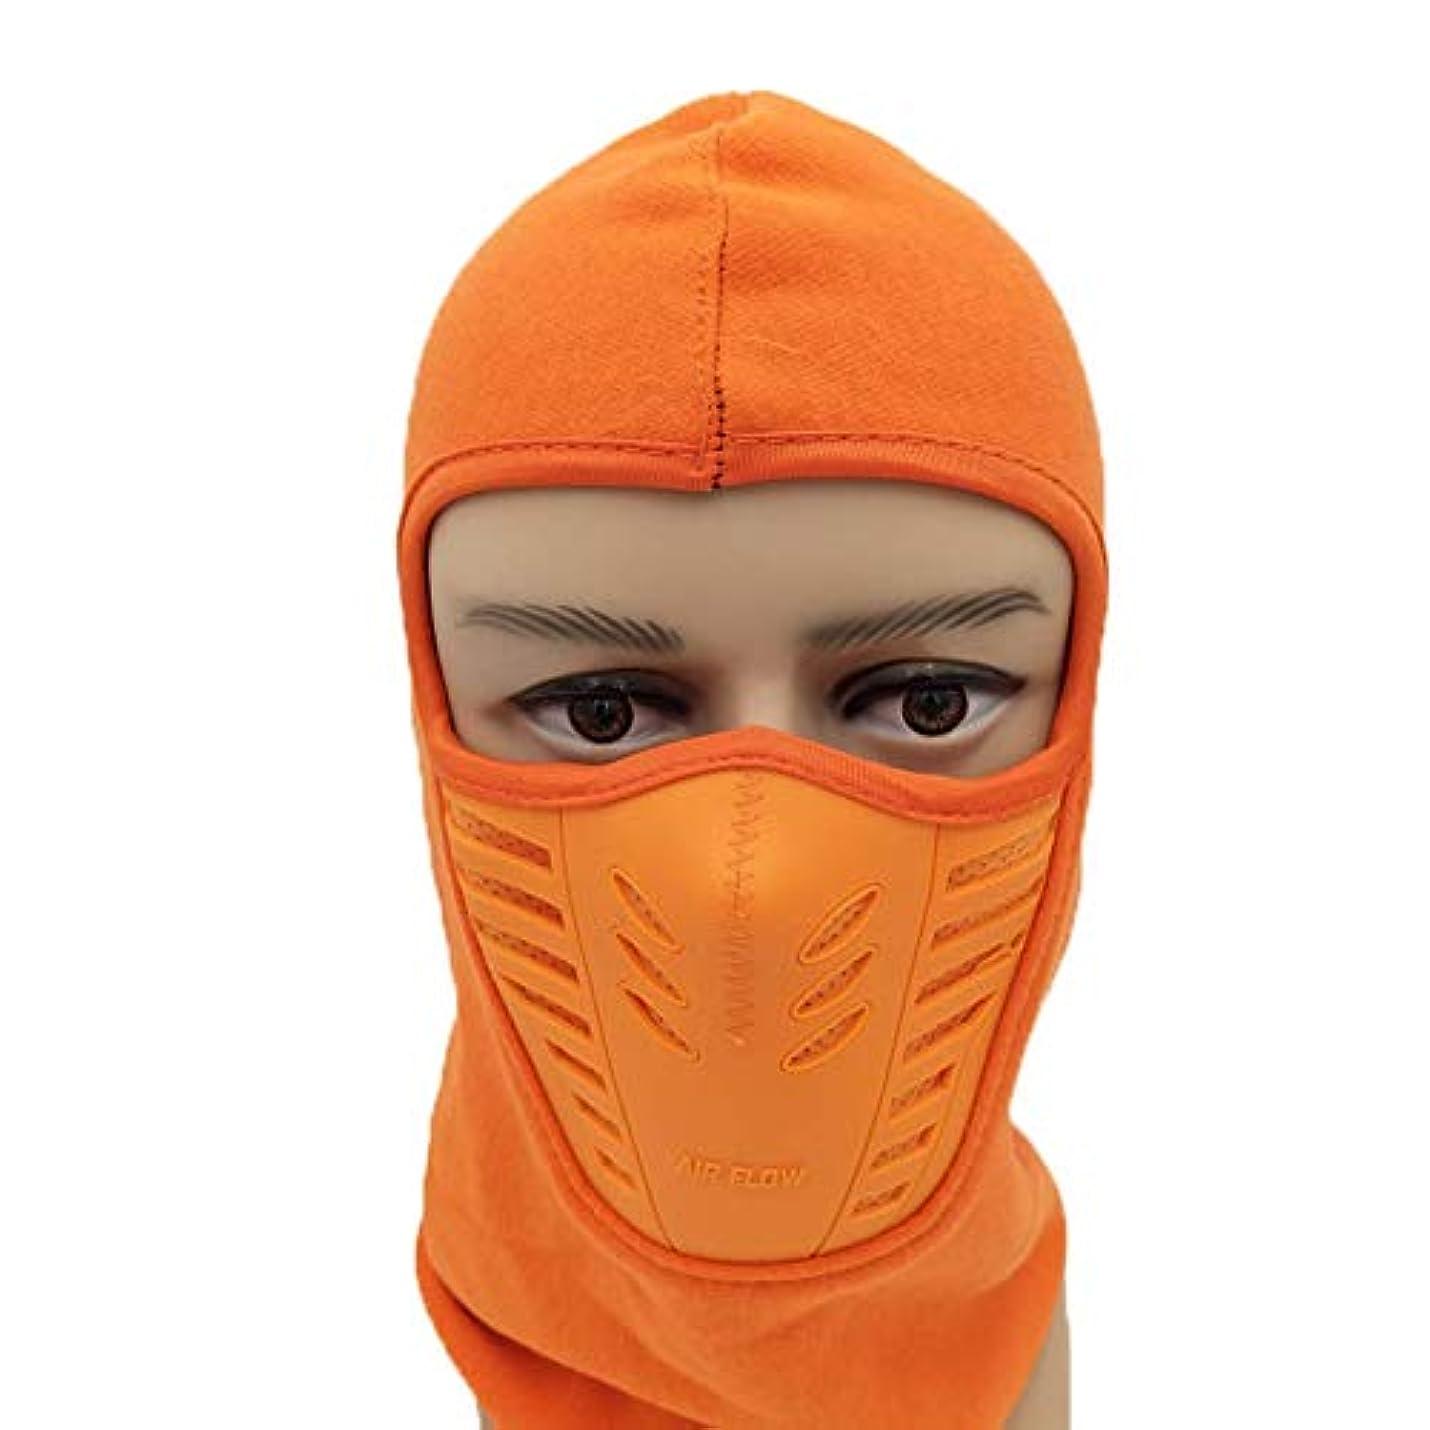 義務付けられた現代の負荷Tenflyerウィンターフリースネックウォーマー、フェイスマスクカバー、厚手ロングネックガーターチューブ、ビーニーネックウォーマーフード、ウィンターアウトドアスポーツマスク防風フード帽子